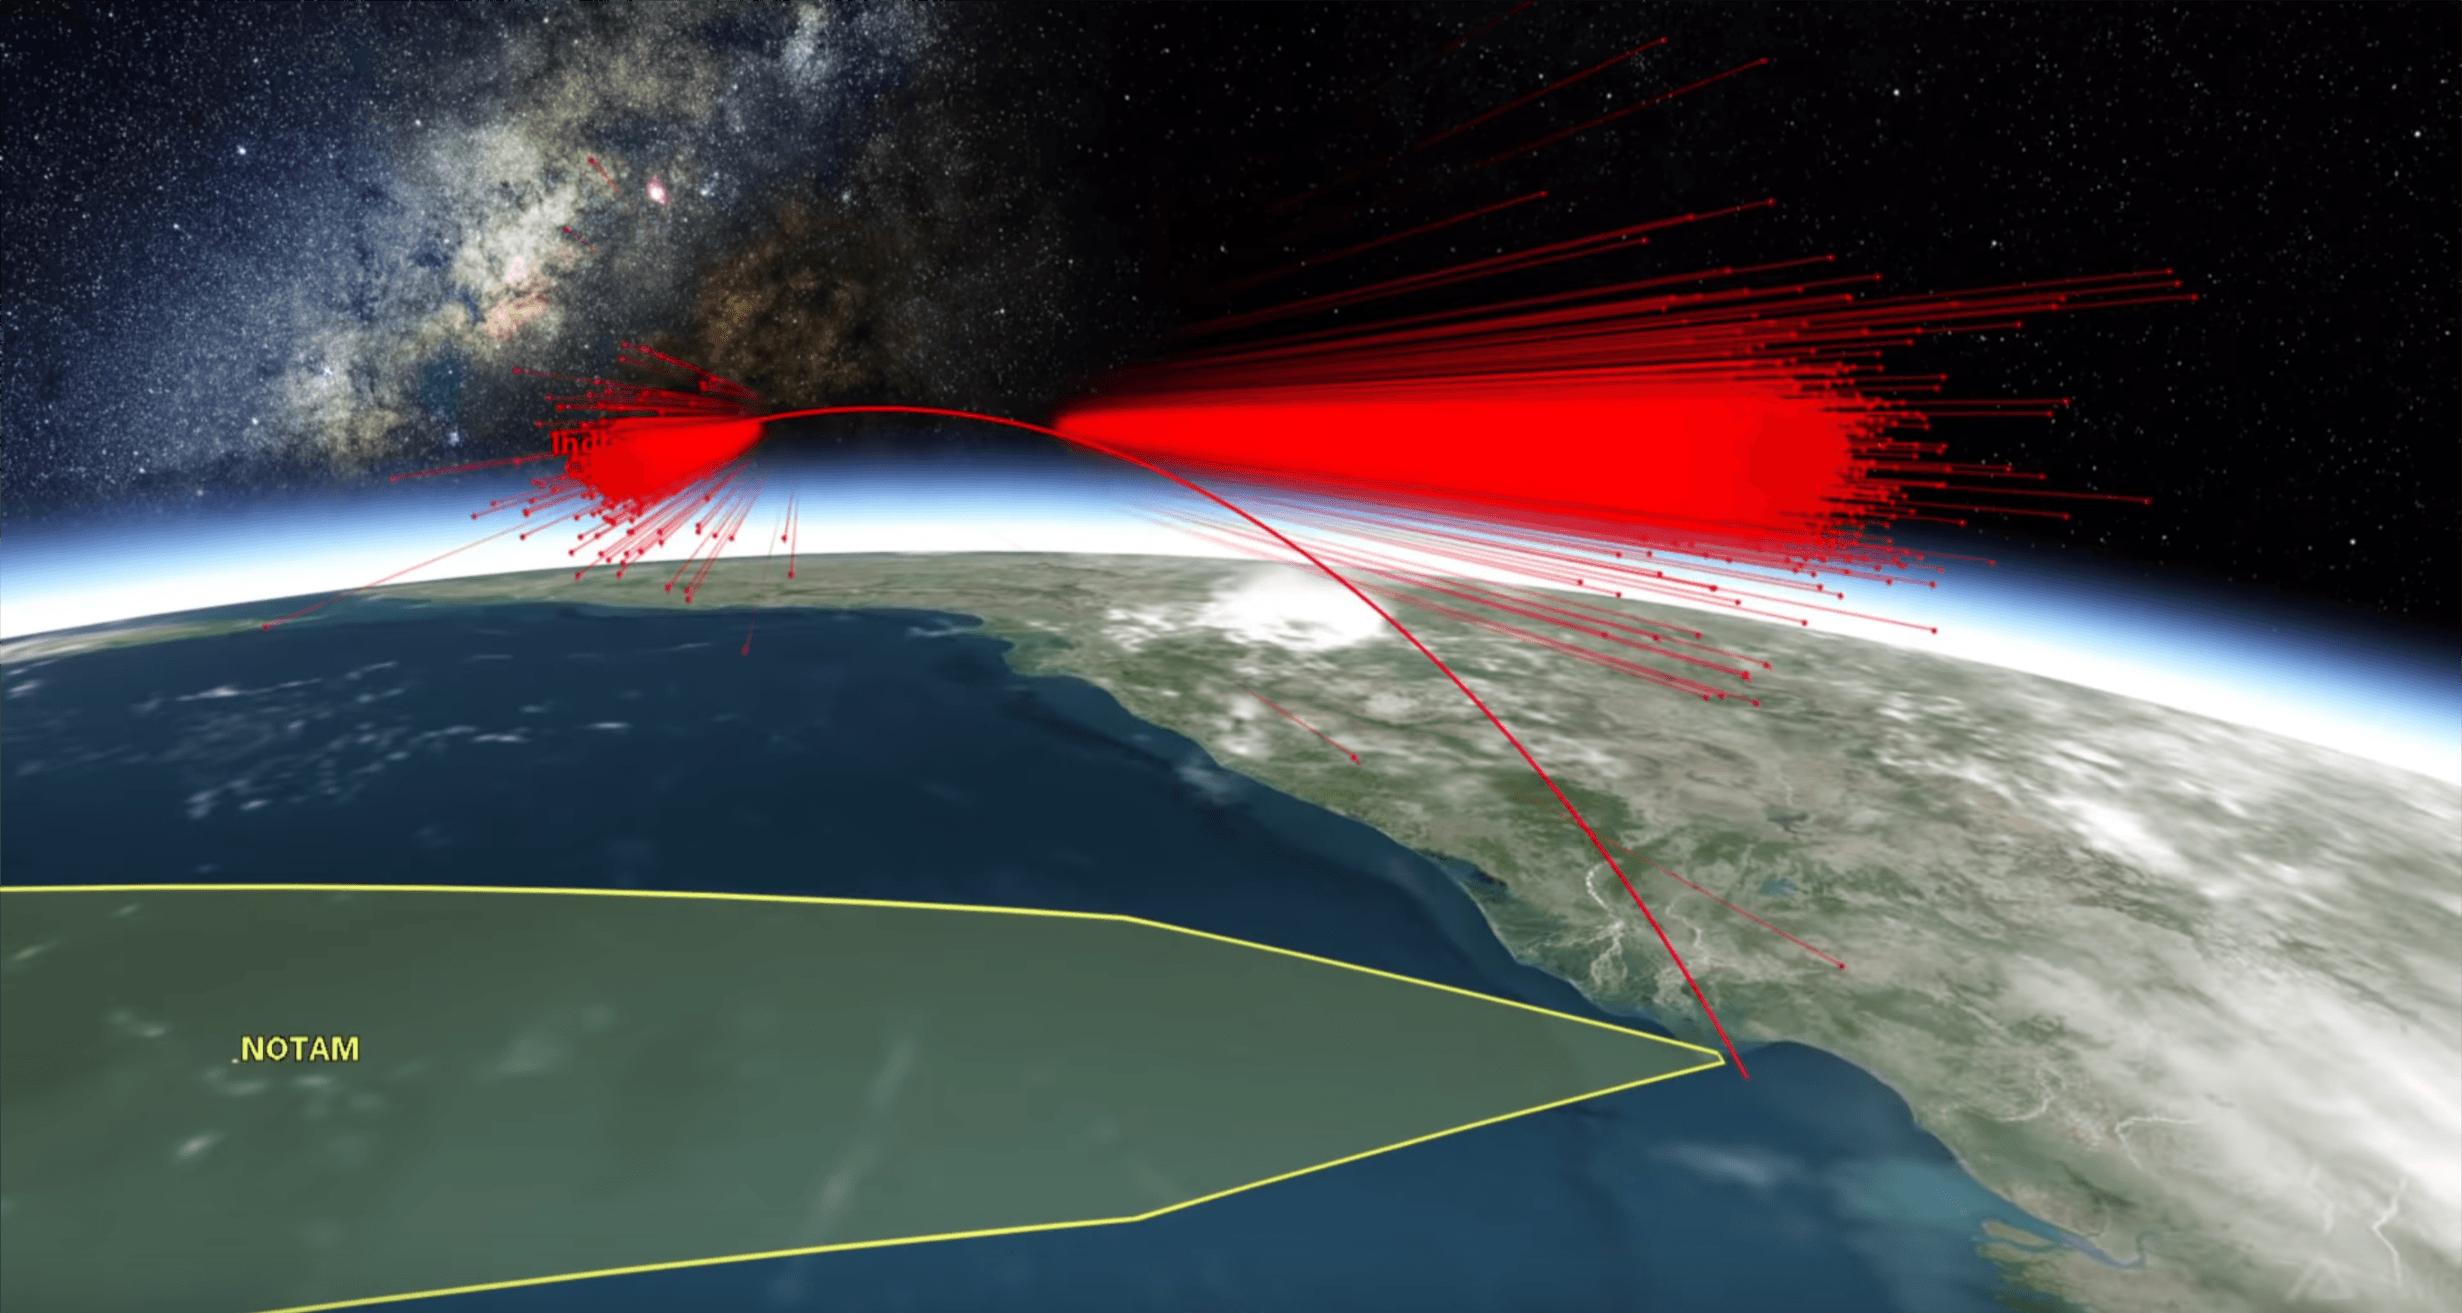 Kosmiczny złom powstały po zestrzeleniu indyjskiego satelity stanowi zagrożenie dla ISS 19